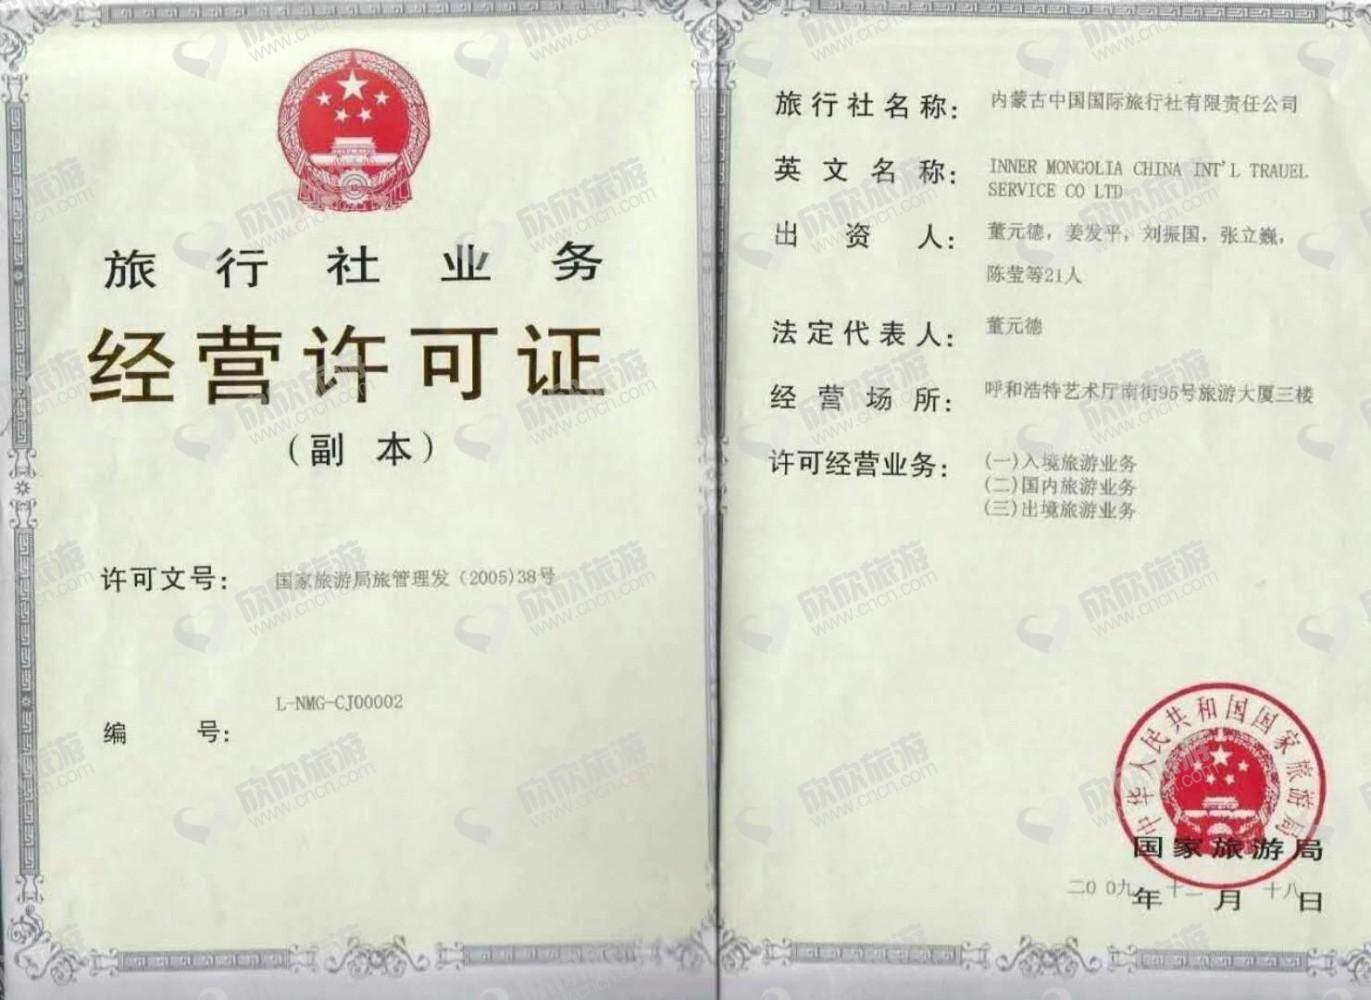 内蒙古中国国际旅行社有限责任公司经营许可证